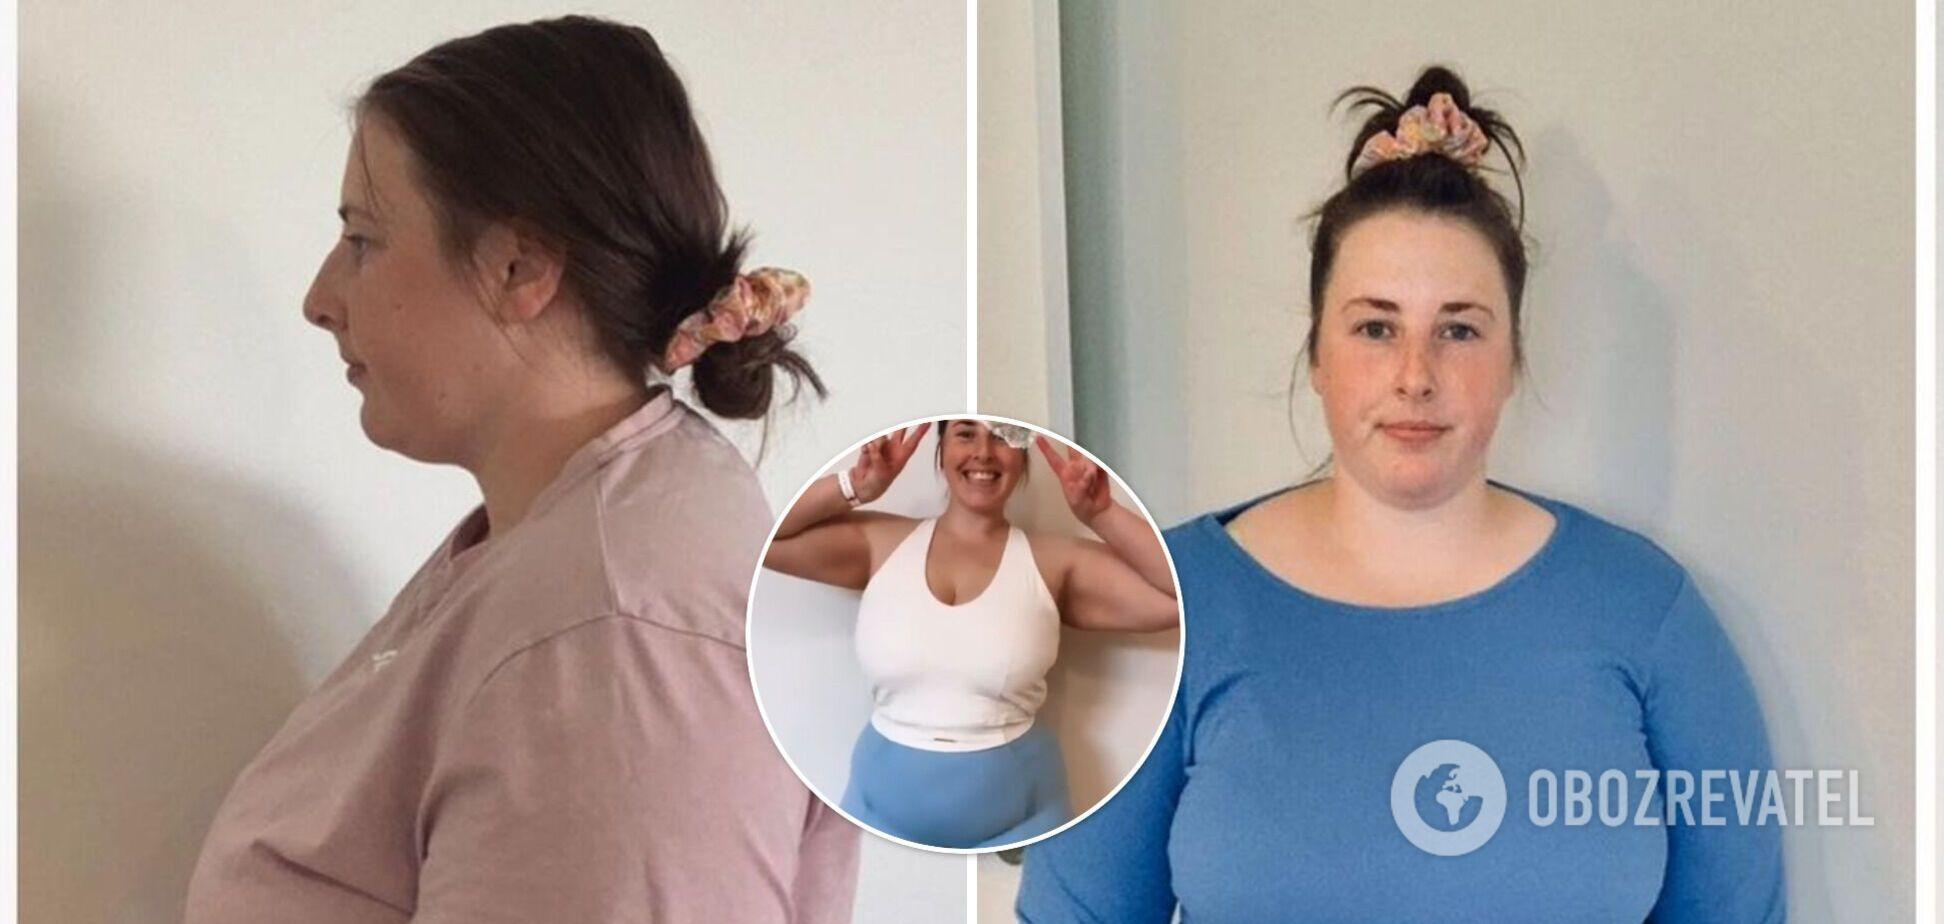 Австралійка скинула 30 кг за 4 місяці та розкрила секрет успіху. Фото і відео